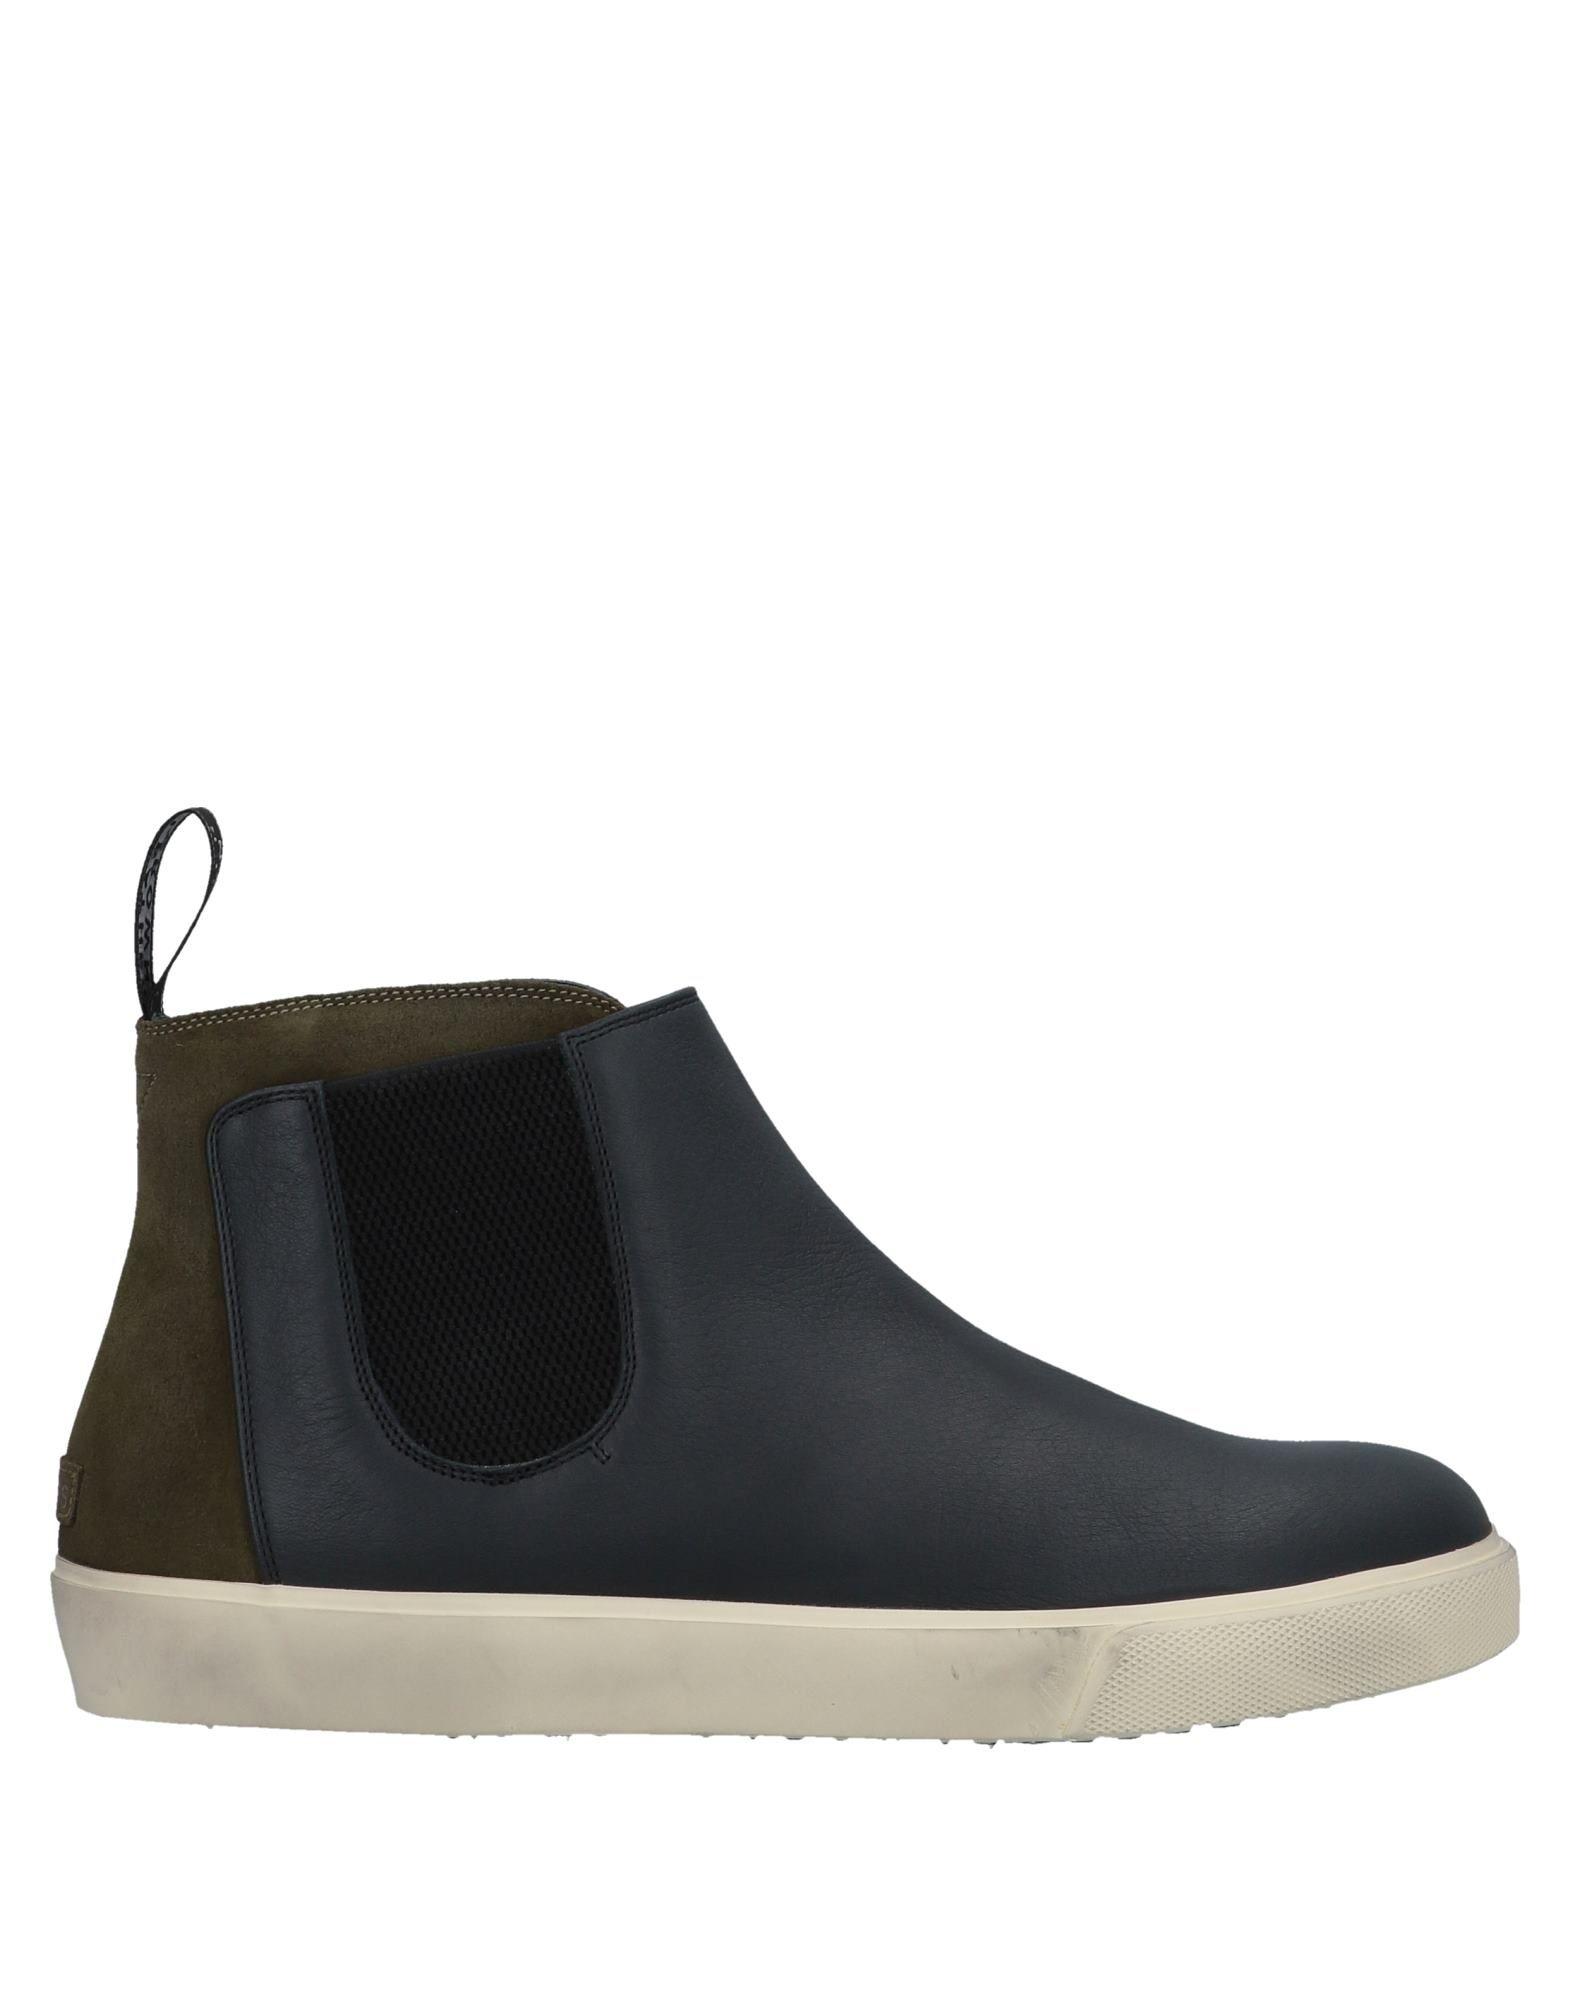 Leather Crown Stiefelette Herren  11536642DK Gute Qualität beliebte Schuhe